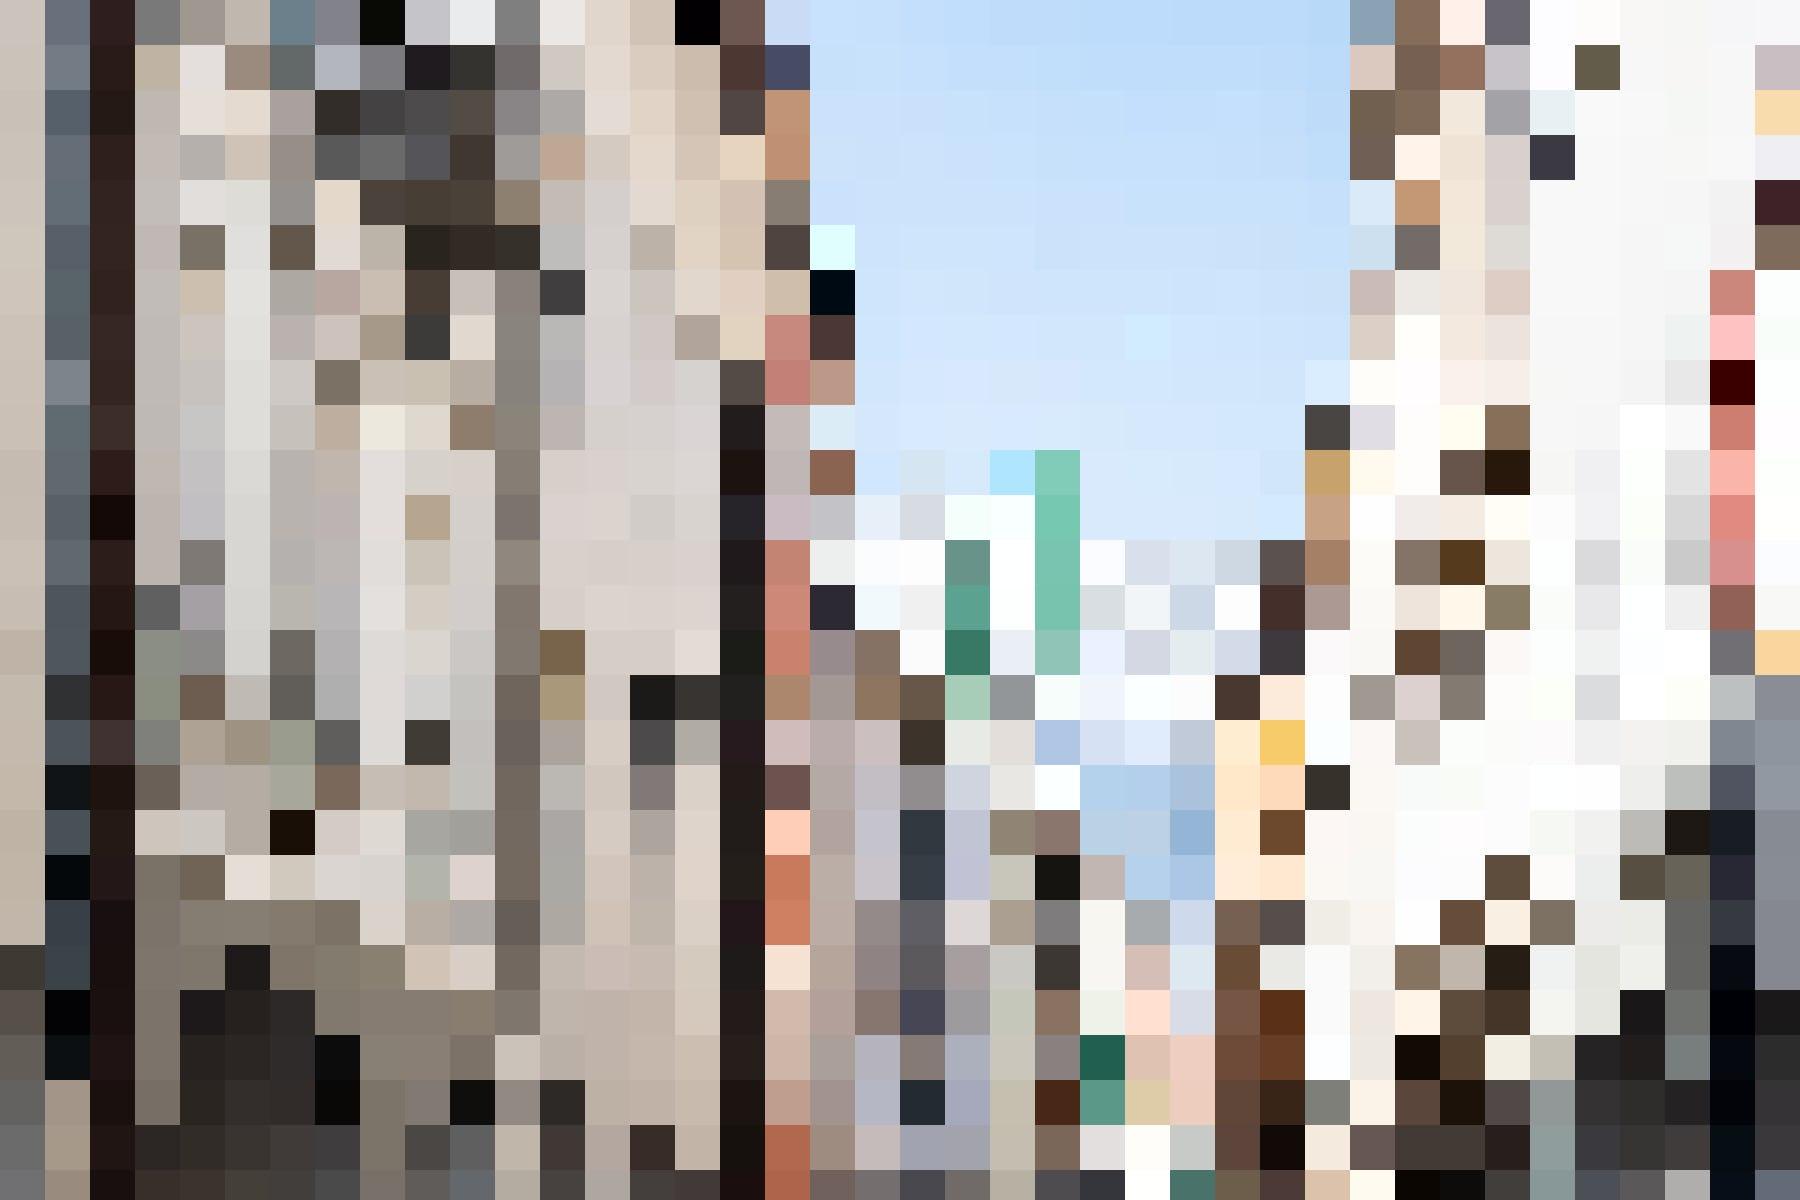 Salotto urbano: Das urbane Wohnzimmer.